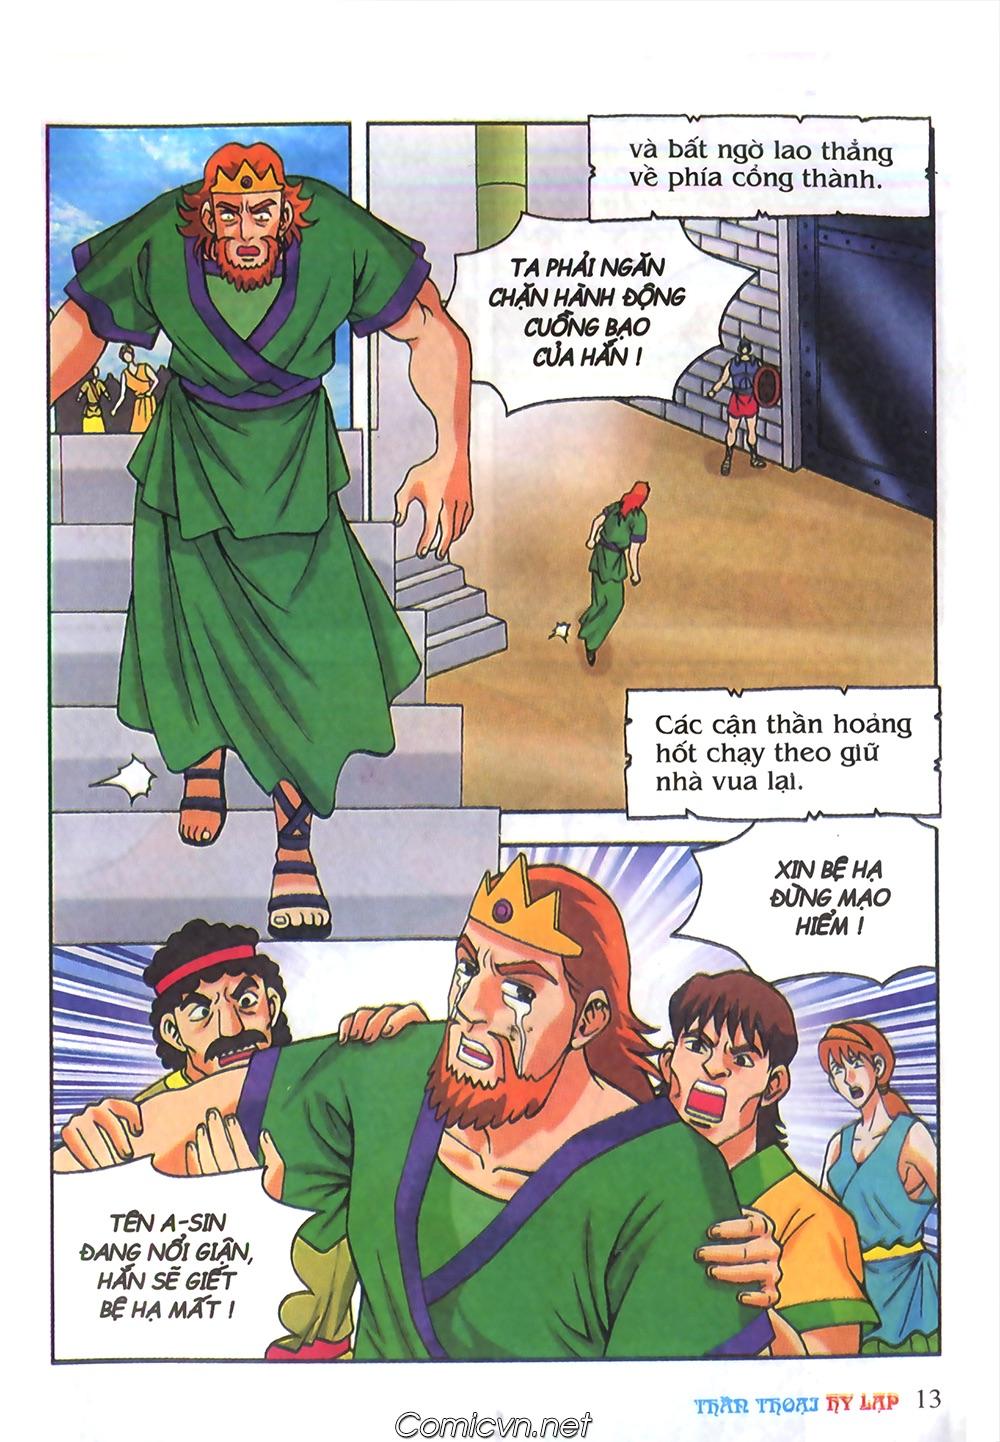 Thần Thoại Hy Lạp Màu - Chapter 62: Hector tử trận - Pic 13